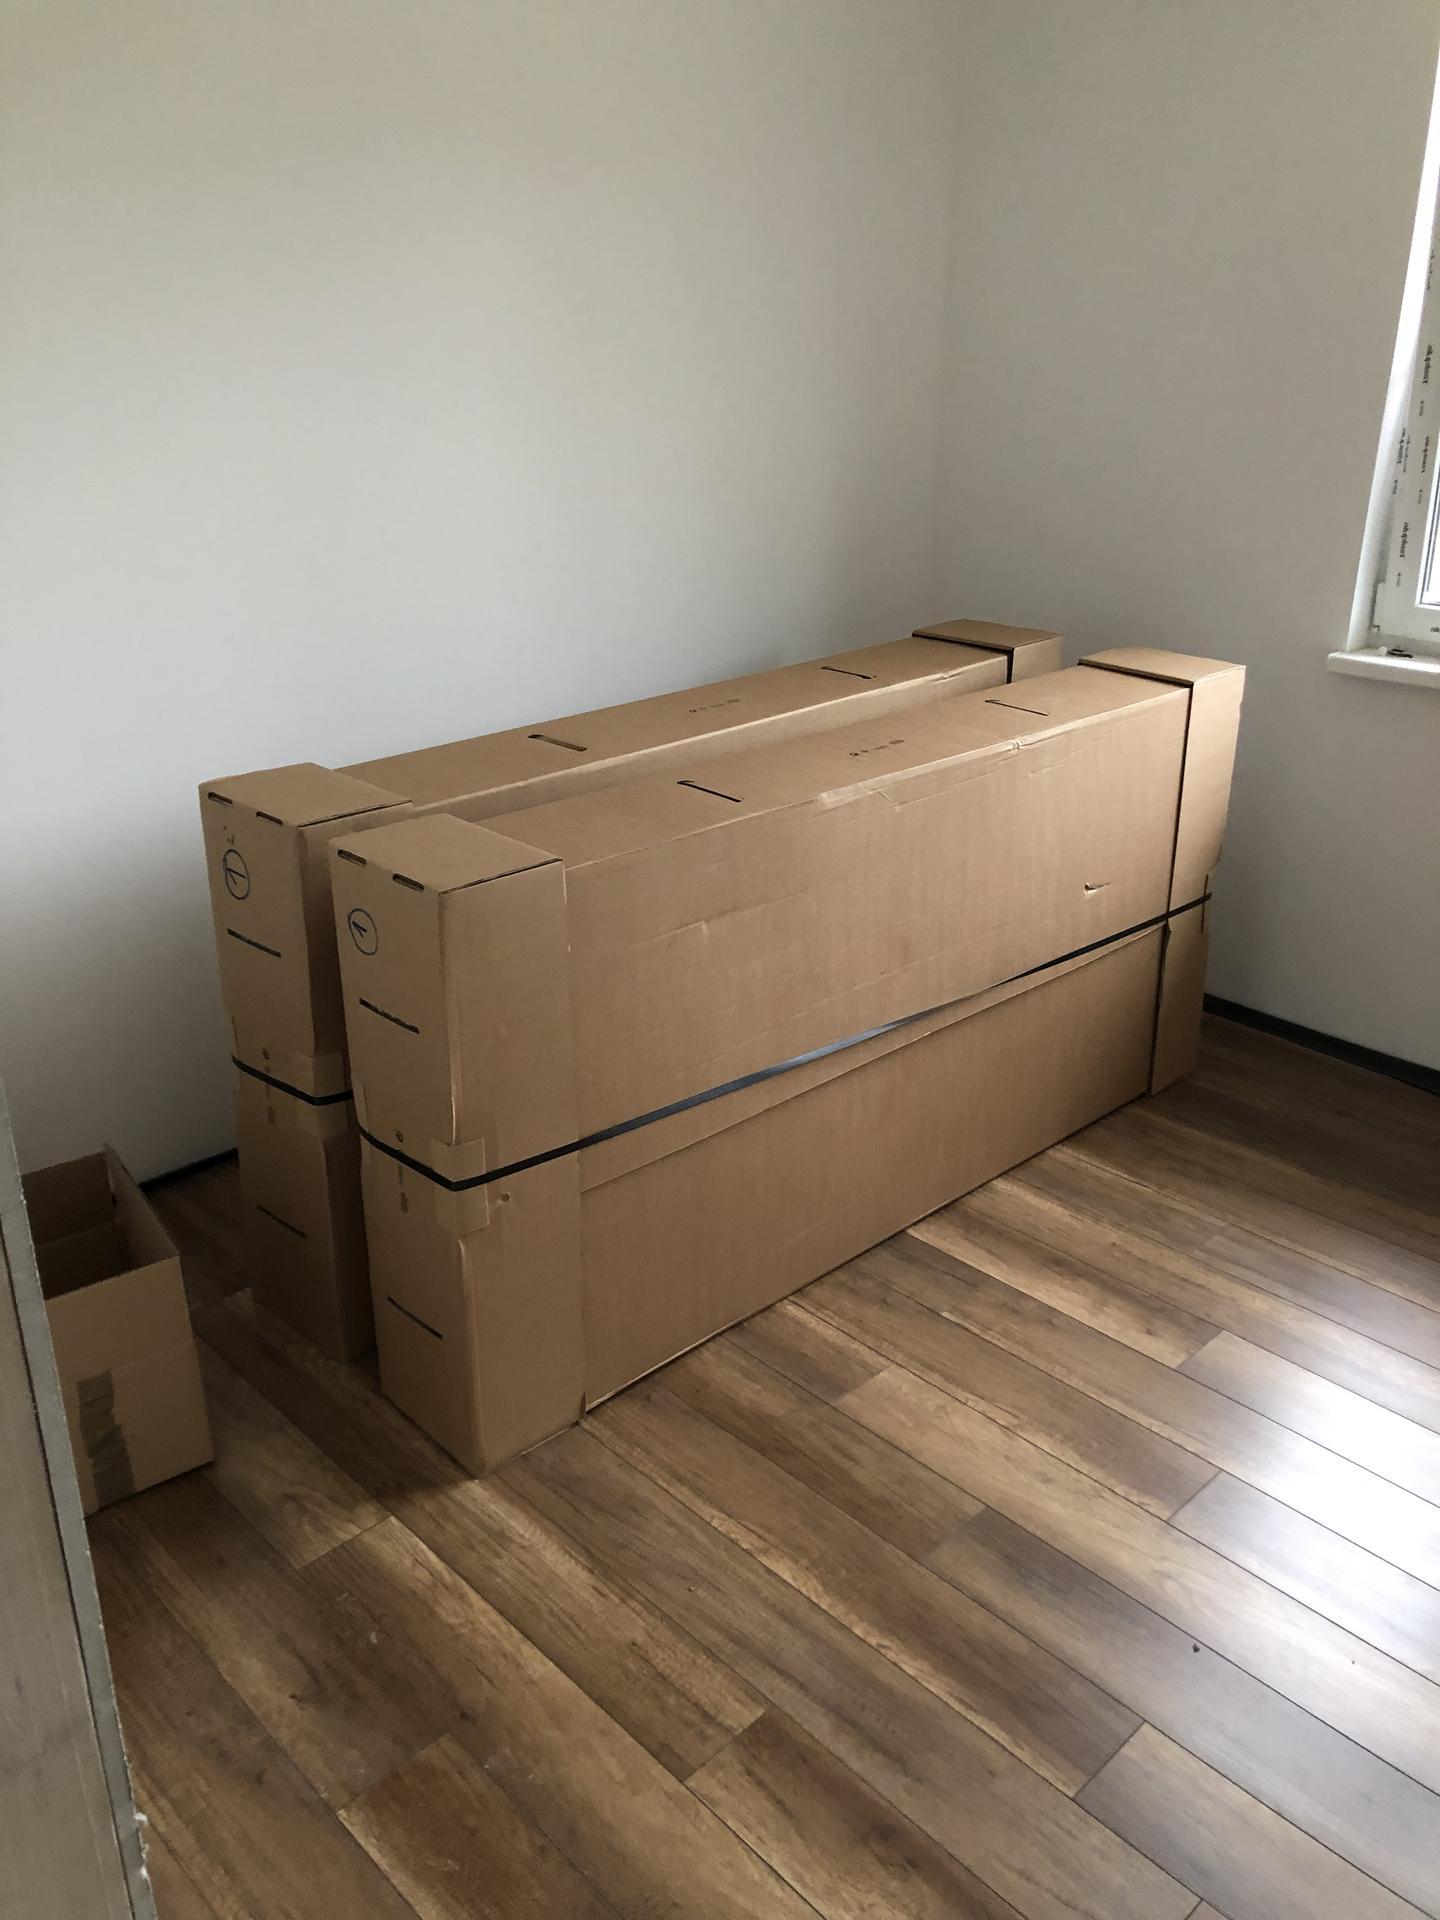 Naše prvé vlastné bývanie - Samozrejme ze nasim zadkom a chrbtom najviac sadli IKEA Vatneström matrace :) teraz uz len pockat mesiac kym dojde aj postel z bonami 🤣🙈